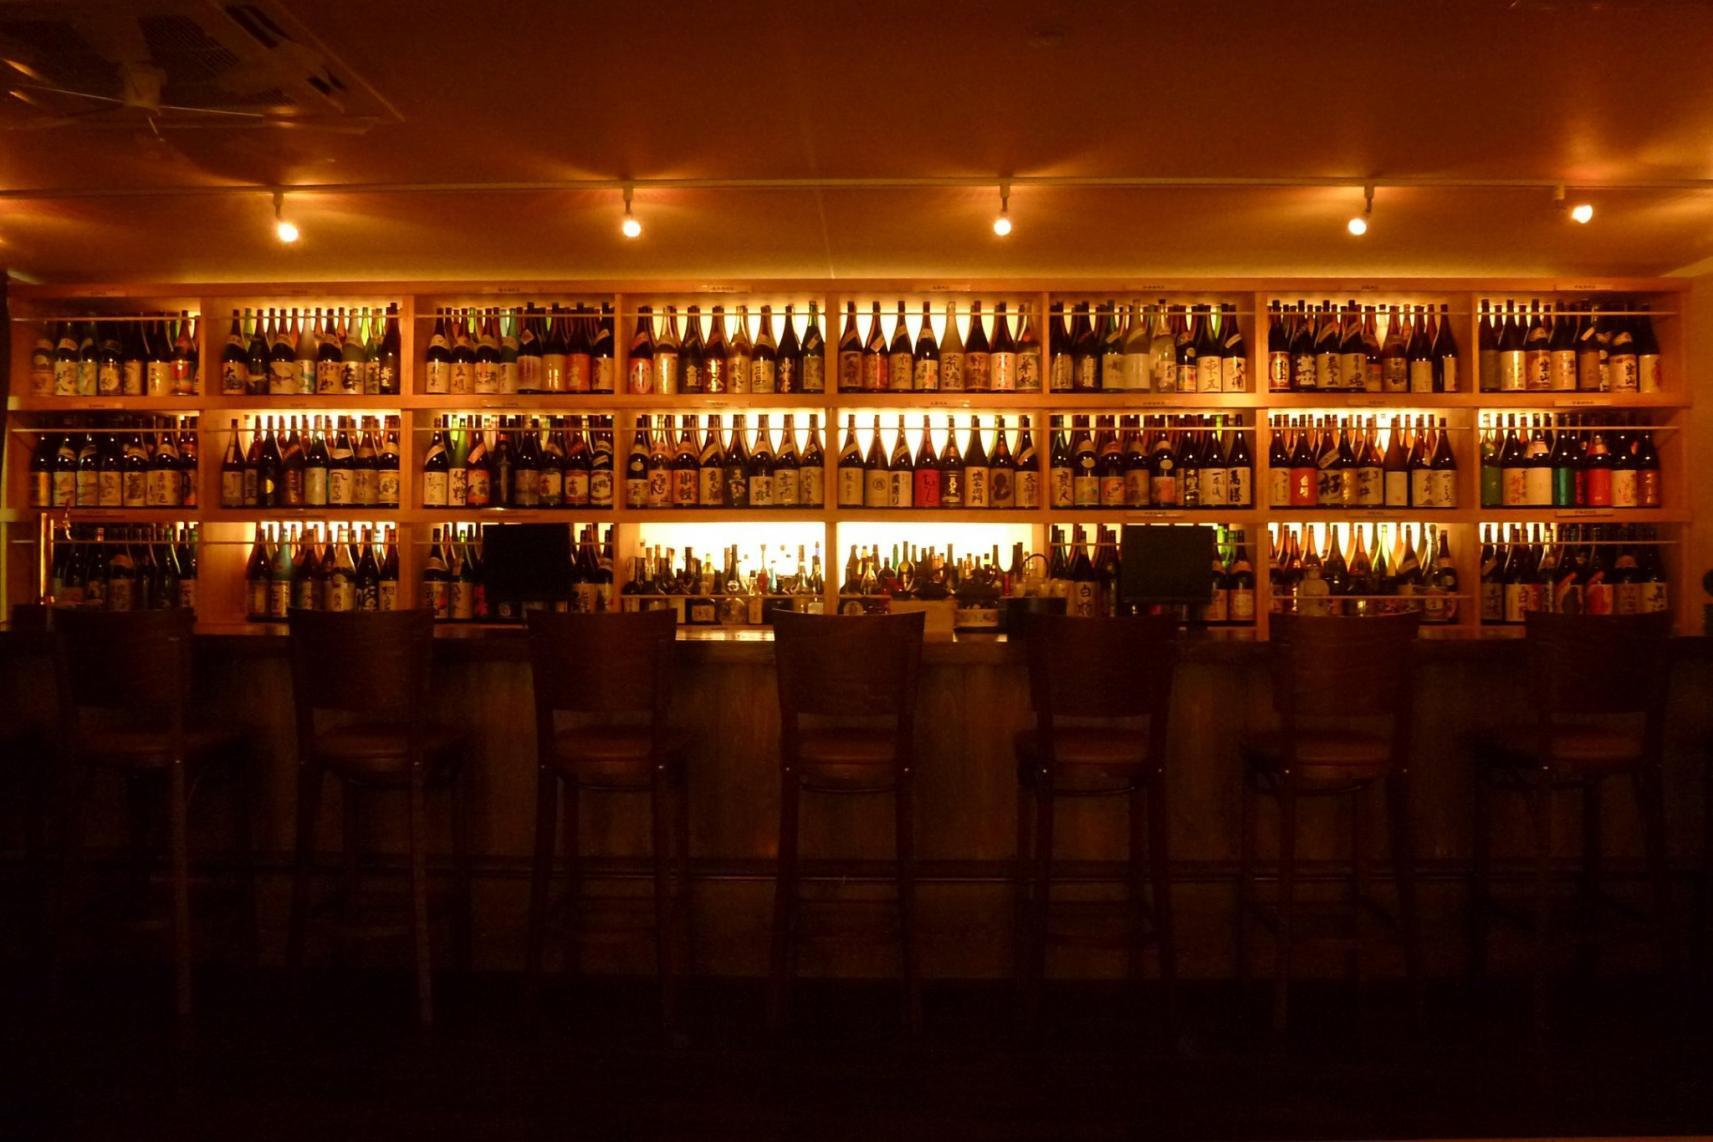 プレミア、限定、終売品の焼酎も味わえるかも!?鹿児島の夜は焼酎バーでキメル!-0